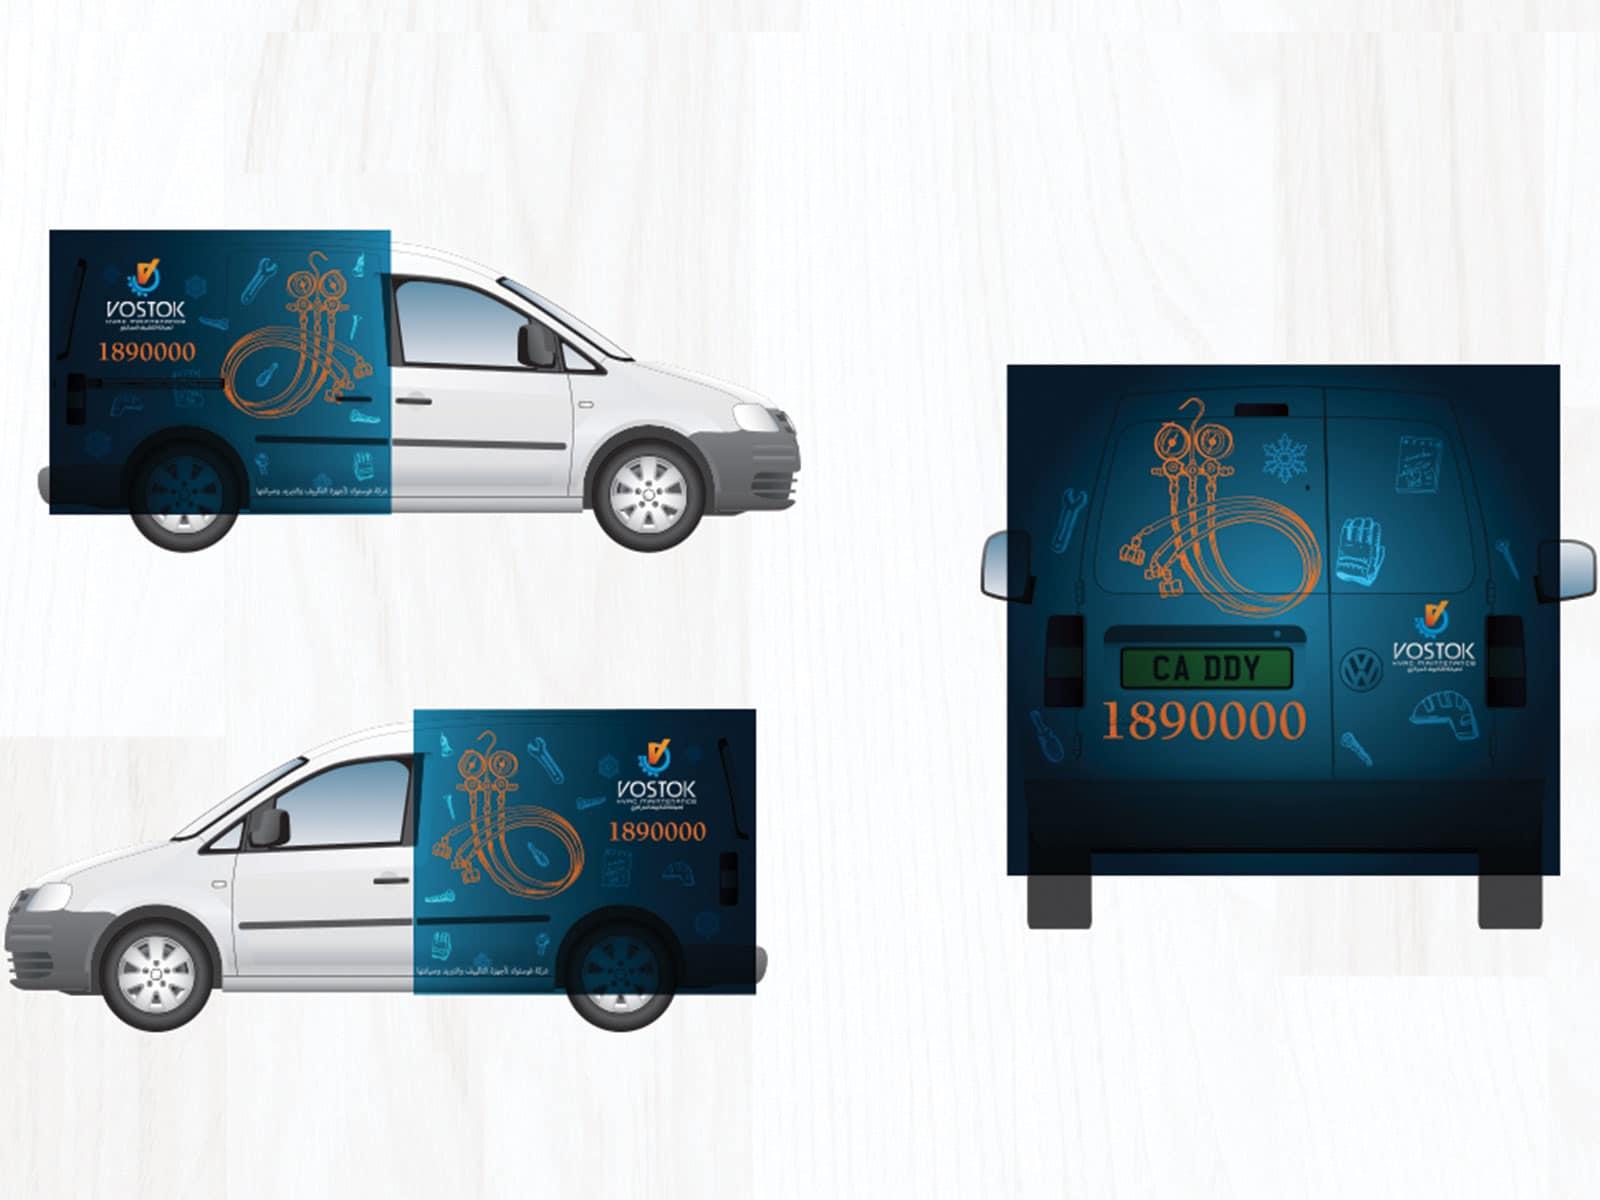 inkservice-ourwork-car-2_kuwait